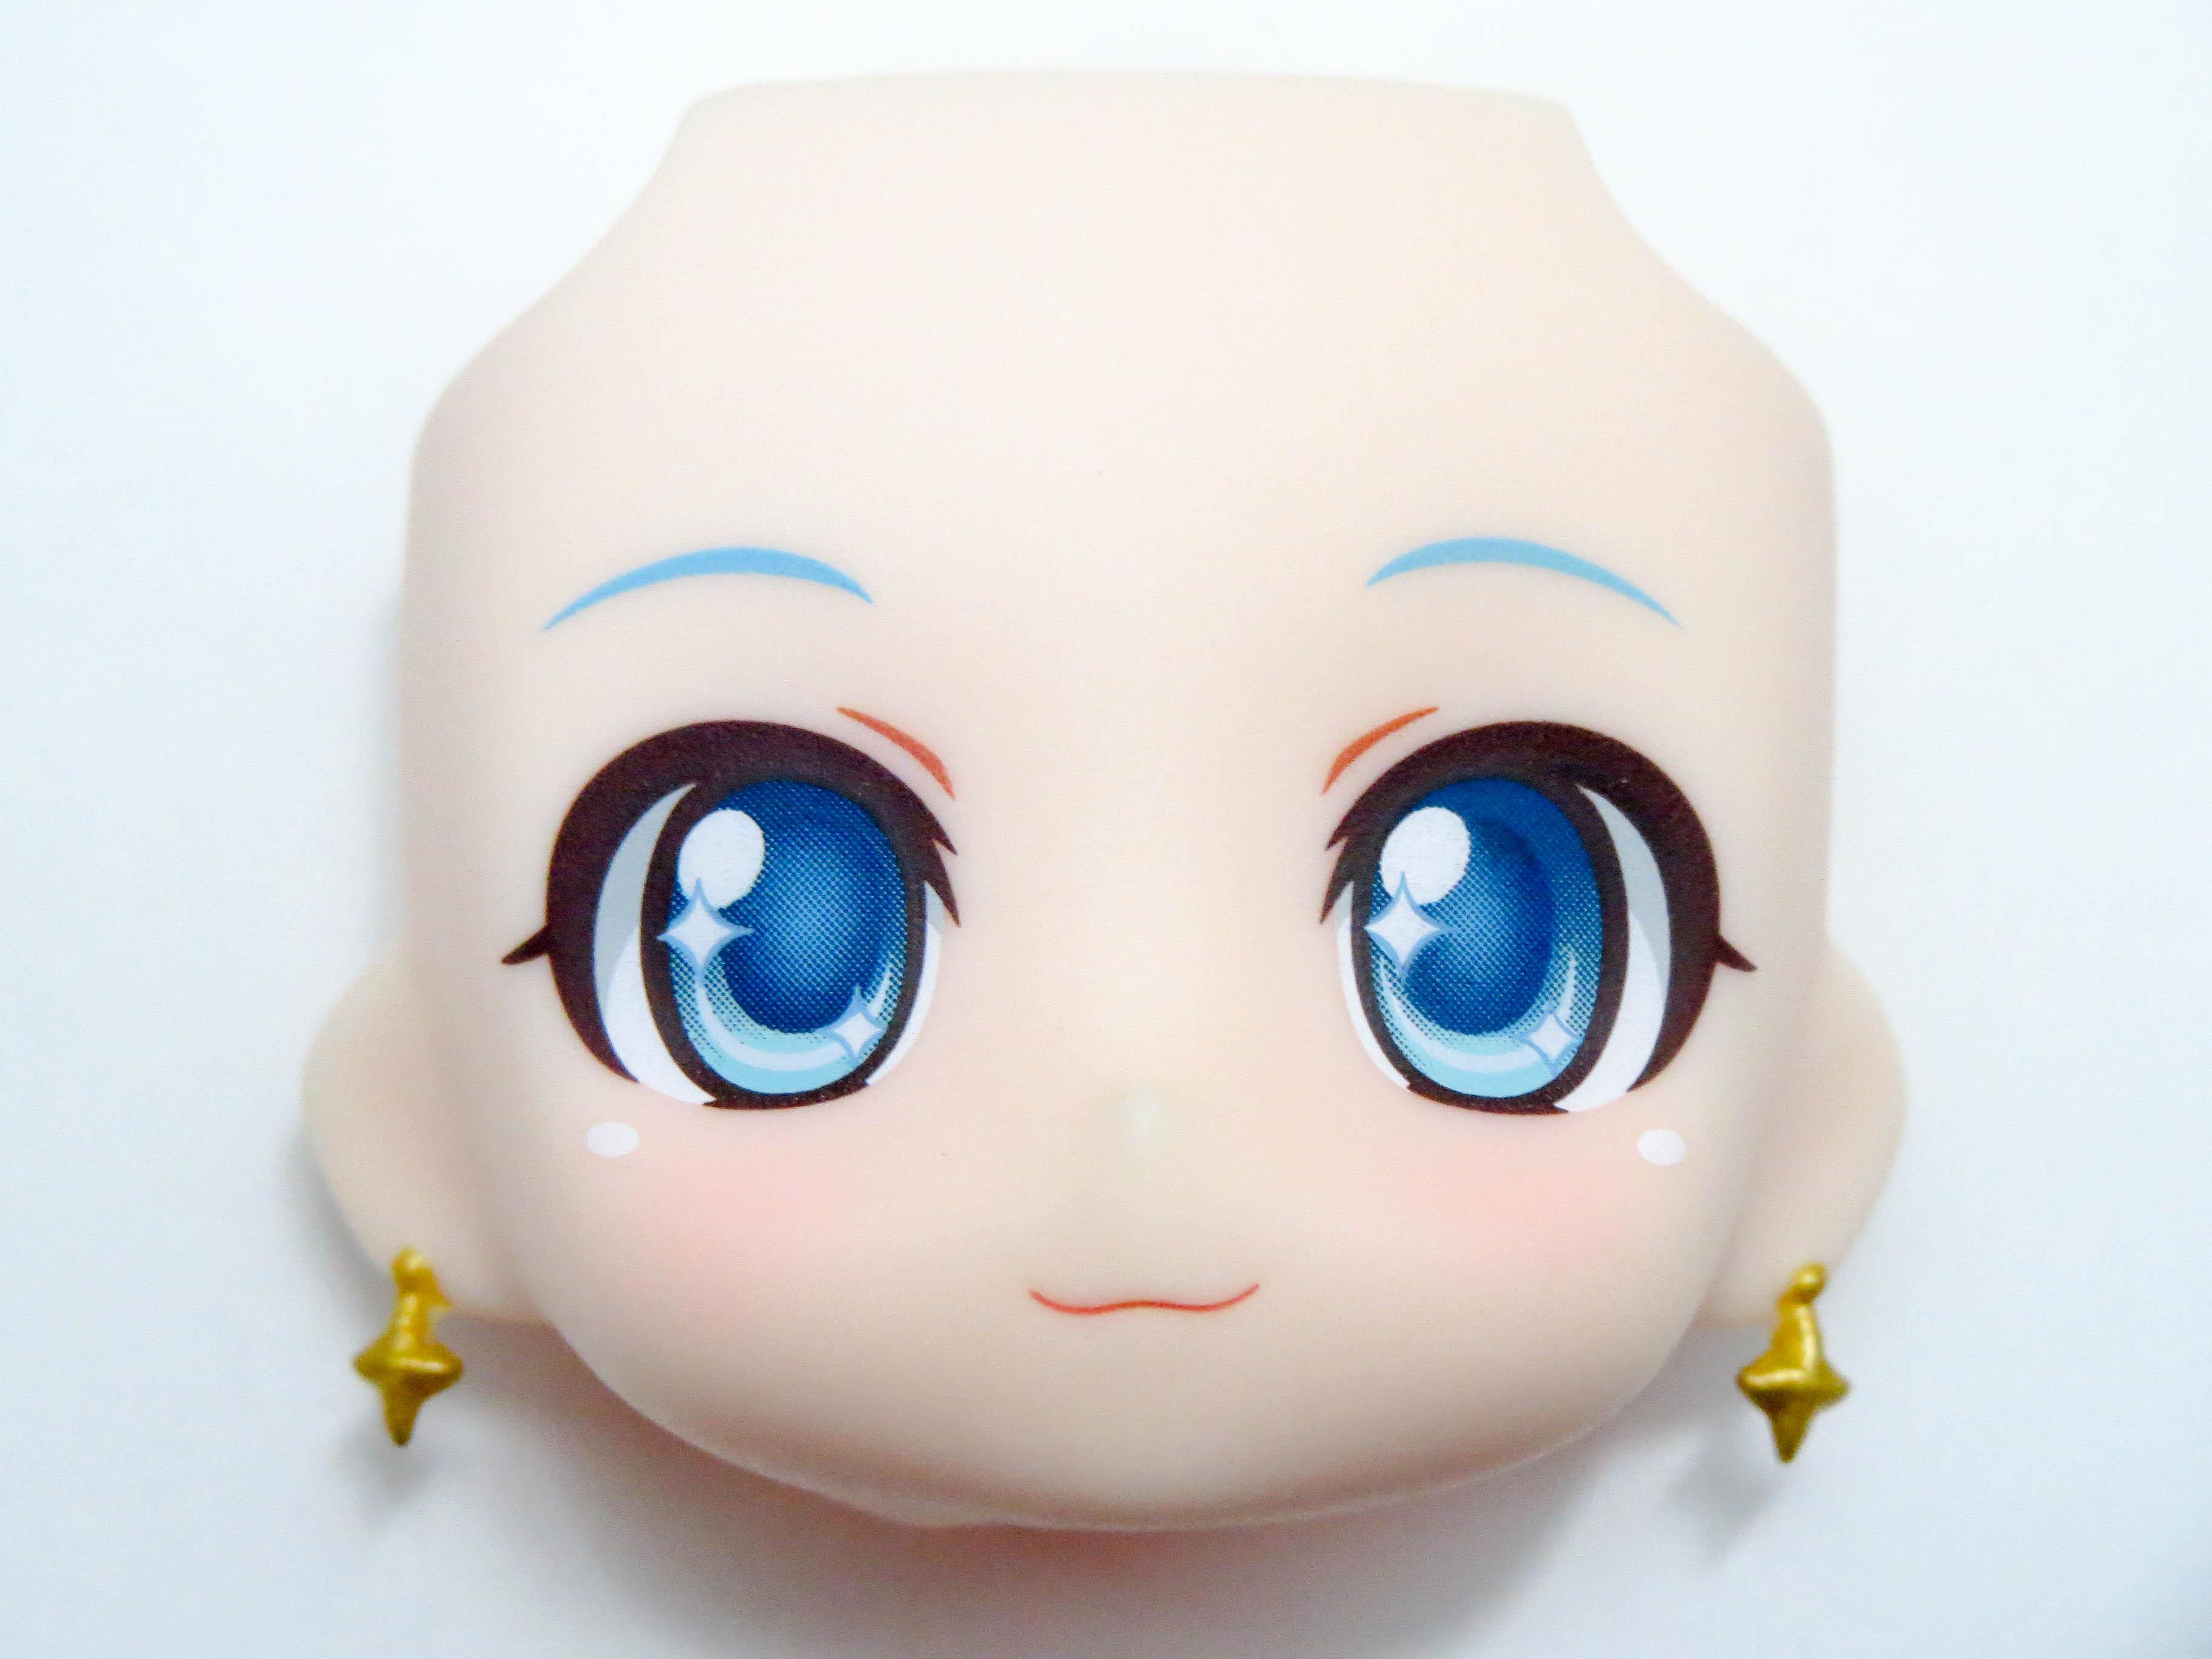 【701】 雪ミク Twinkle Snow Ver. 顔パーツ 普通 ねんどろいど